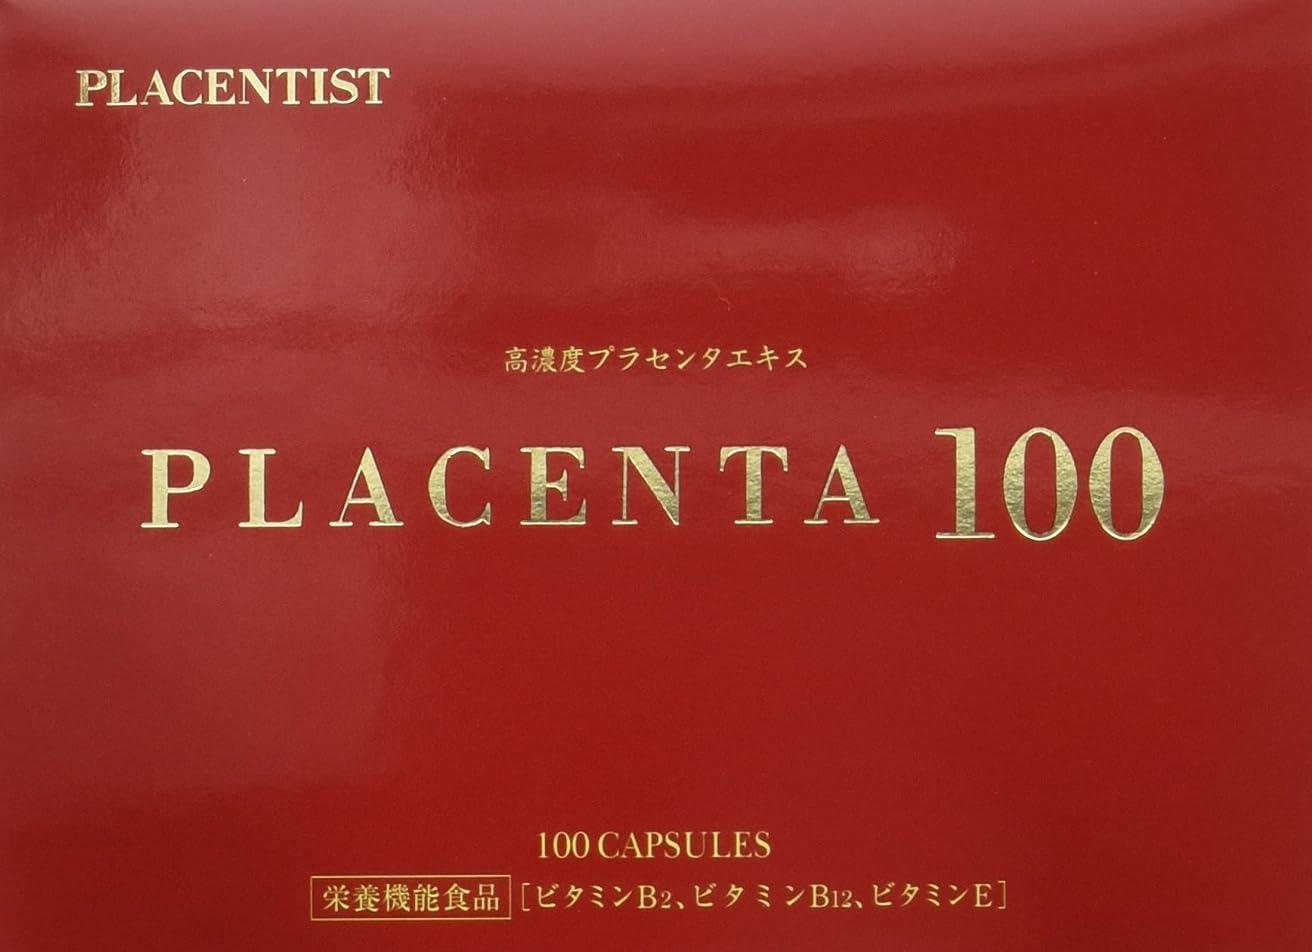 必需品出発成功するプラセンタ100 レギュラーサイズ 100粒